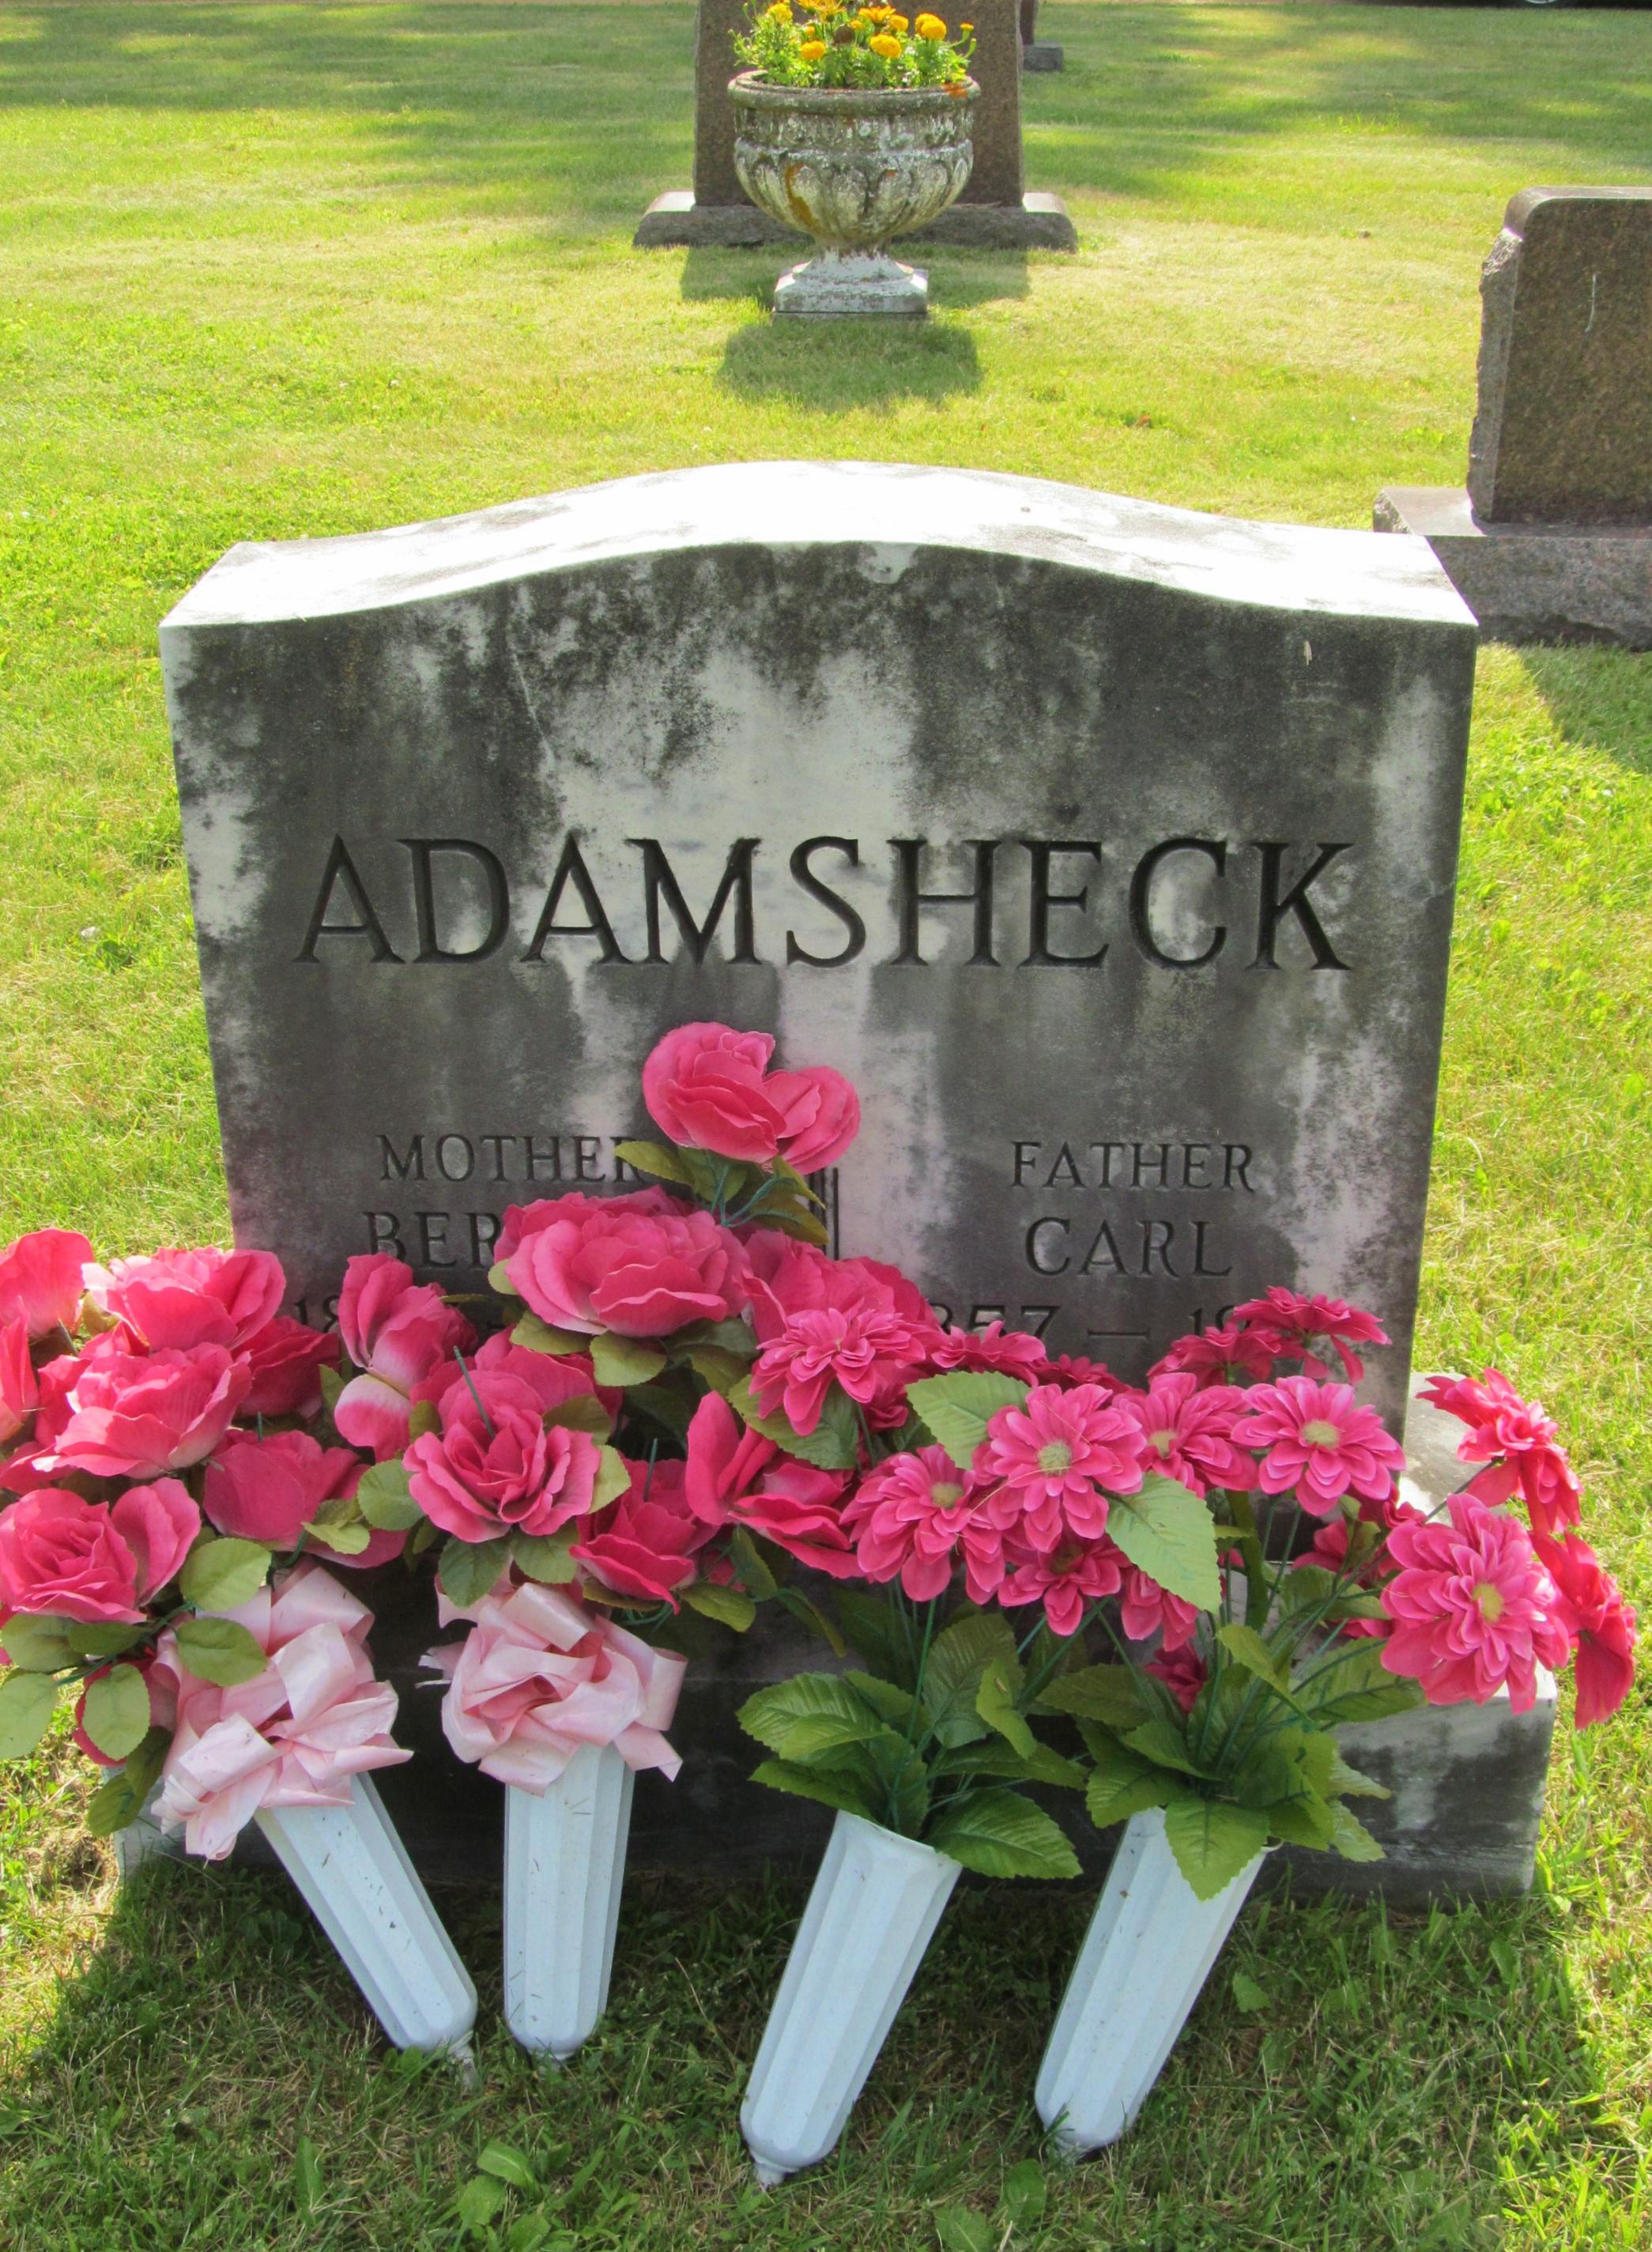 Carl Adamsheck